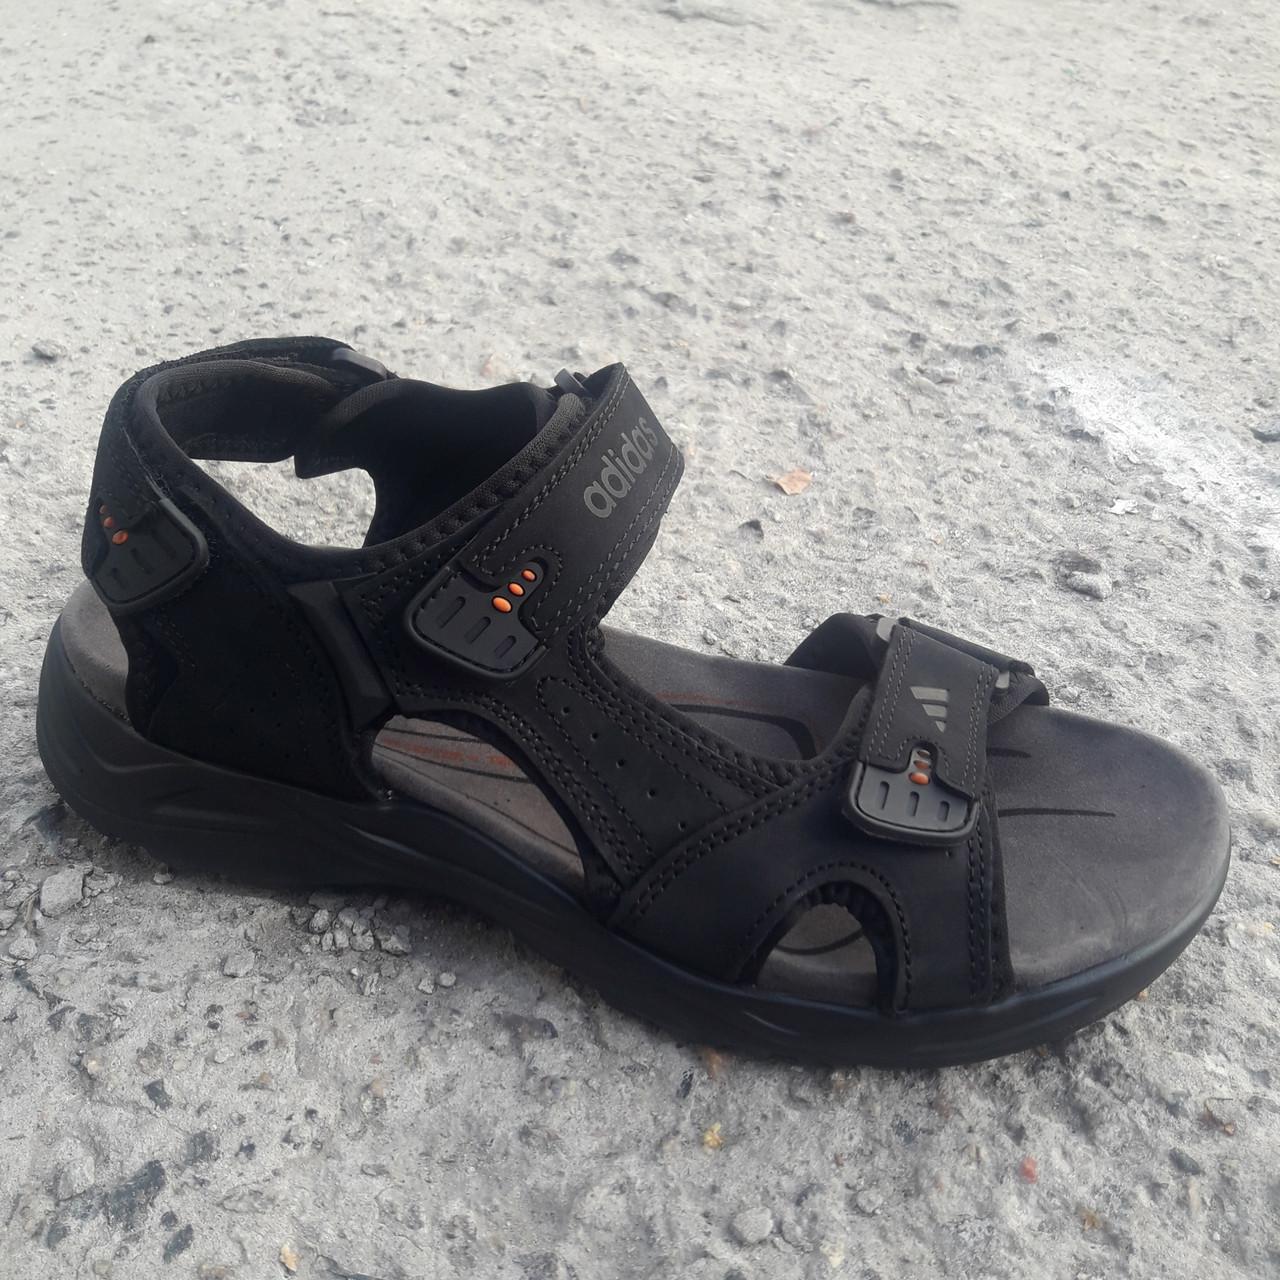 Сандалі чоловічі шкіряні р. 41 чорні Adidas